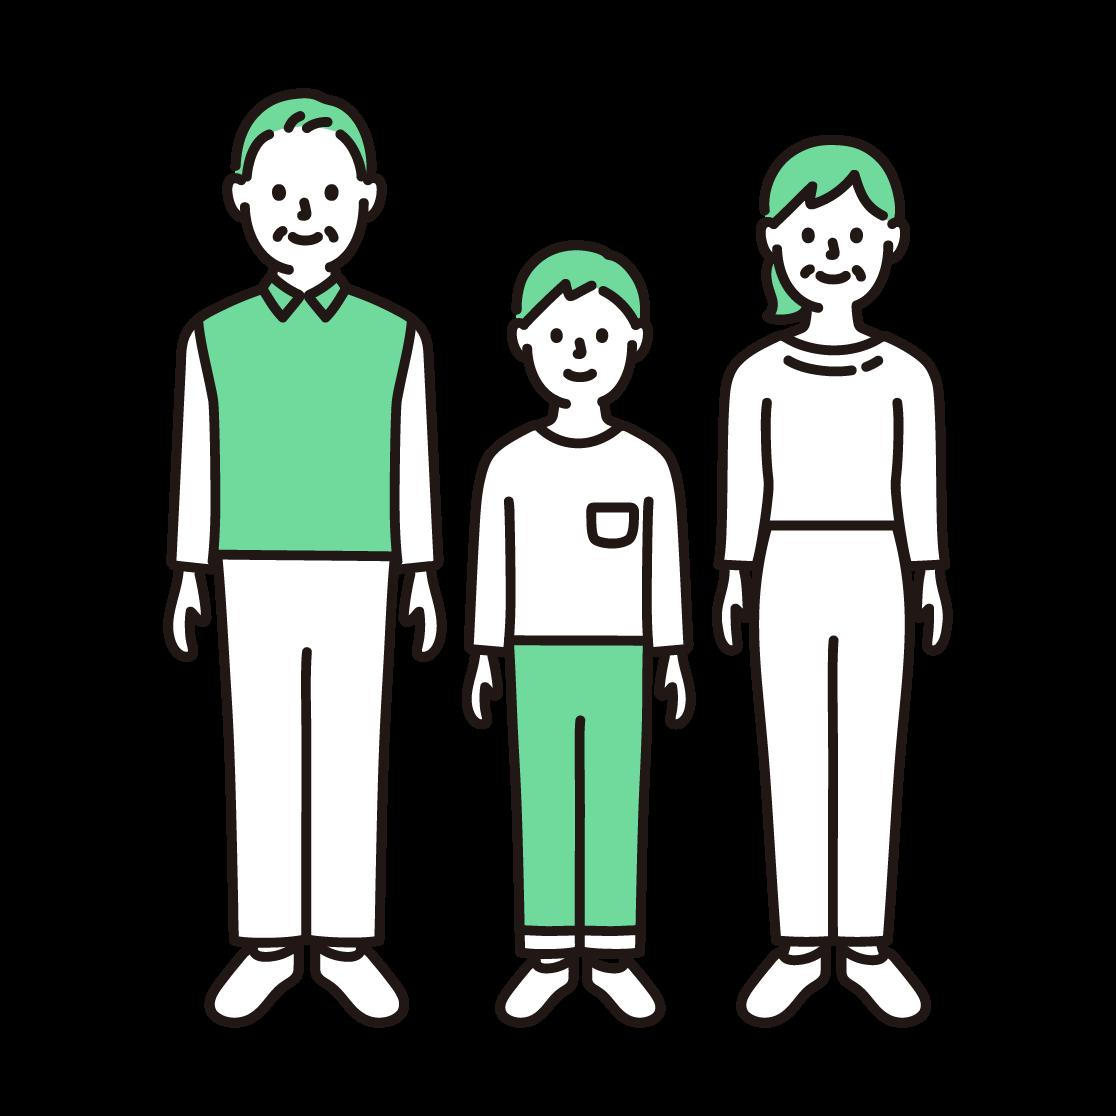 3人家族(全身)の単色イラスト